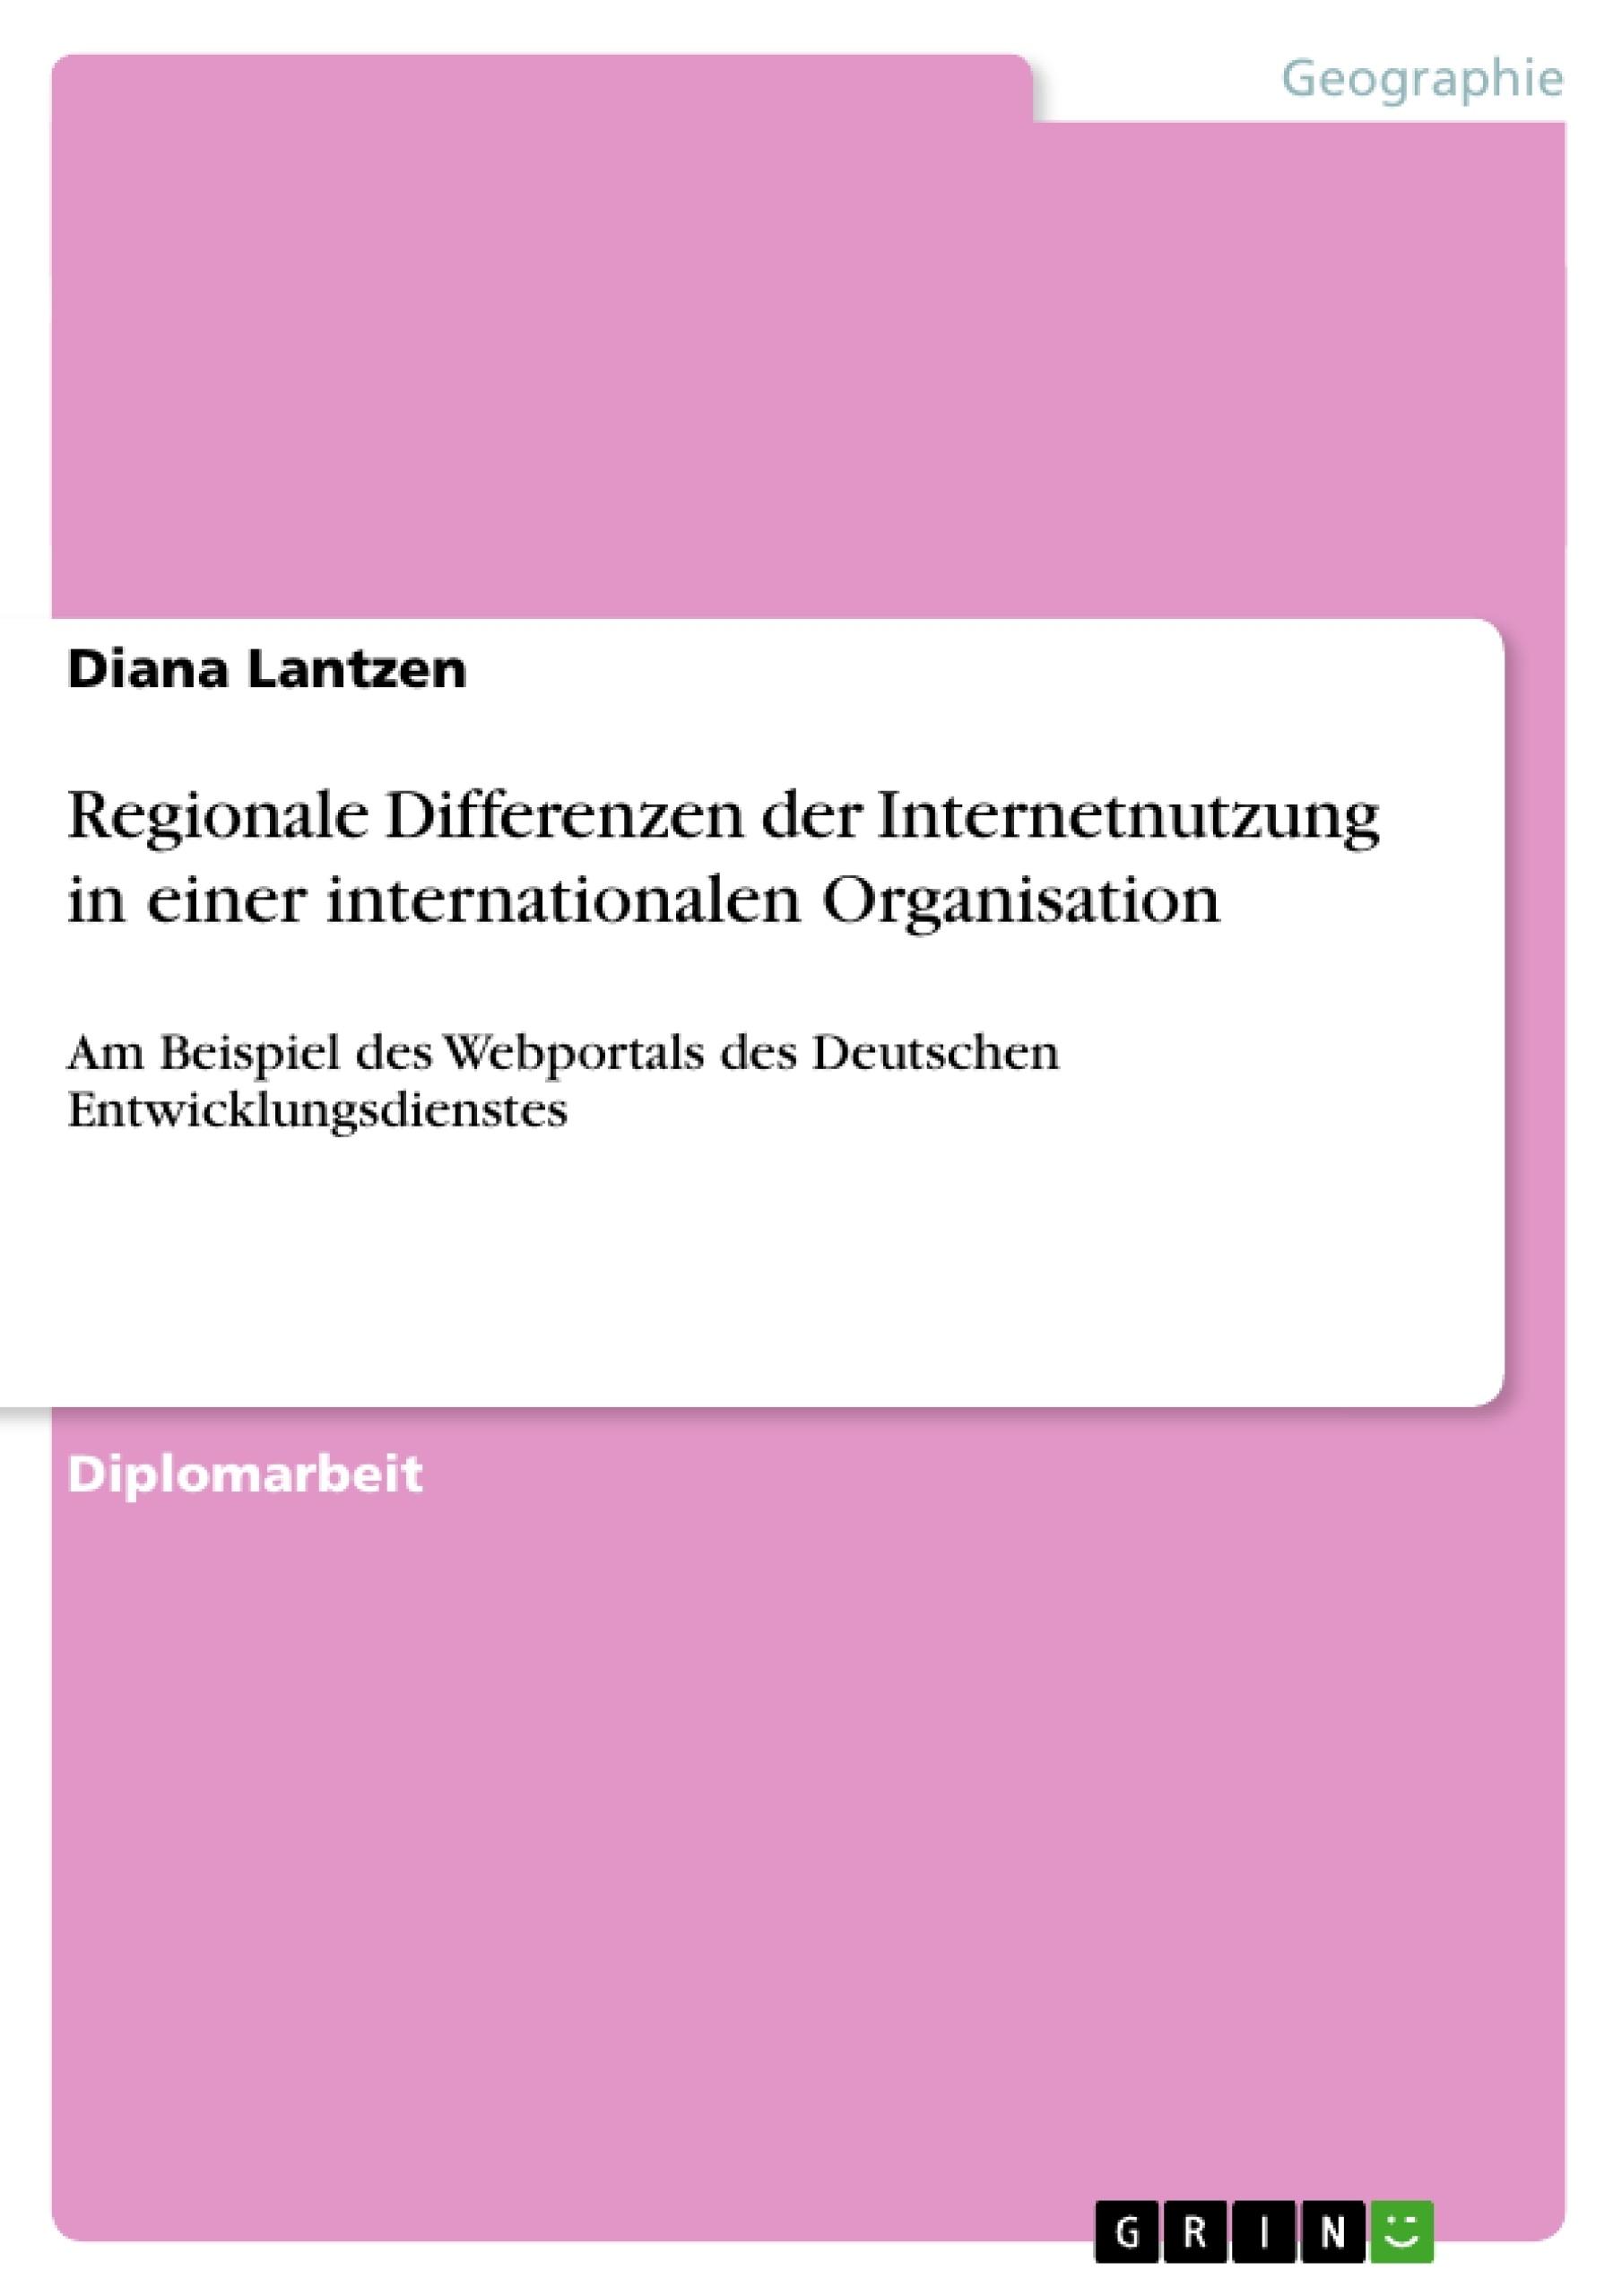 Titel: Regionale Differenzen der Internetnutzung in einer internationalen Organisation